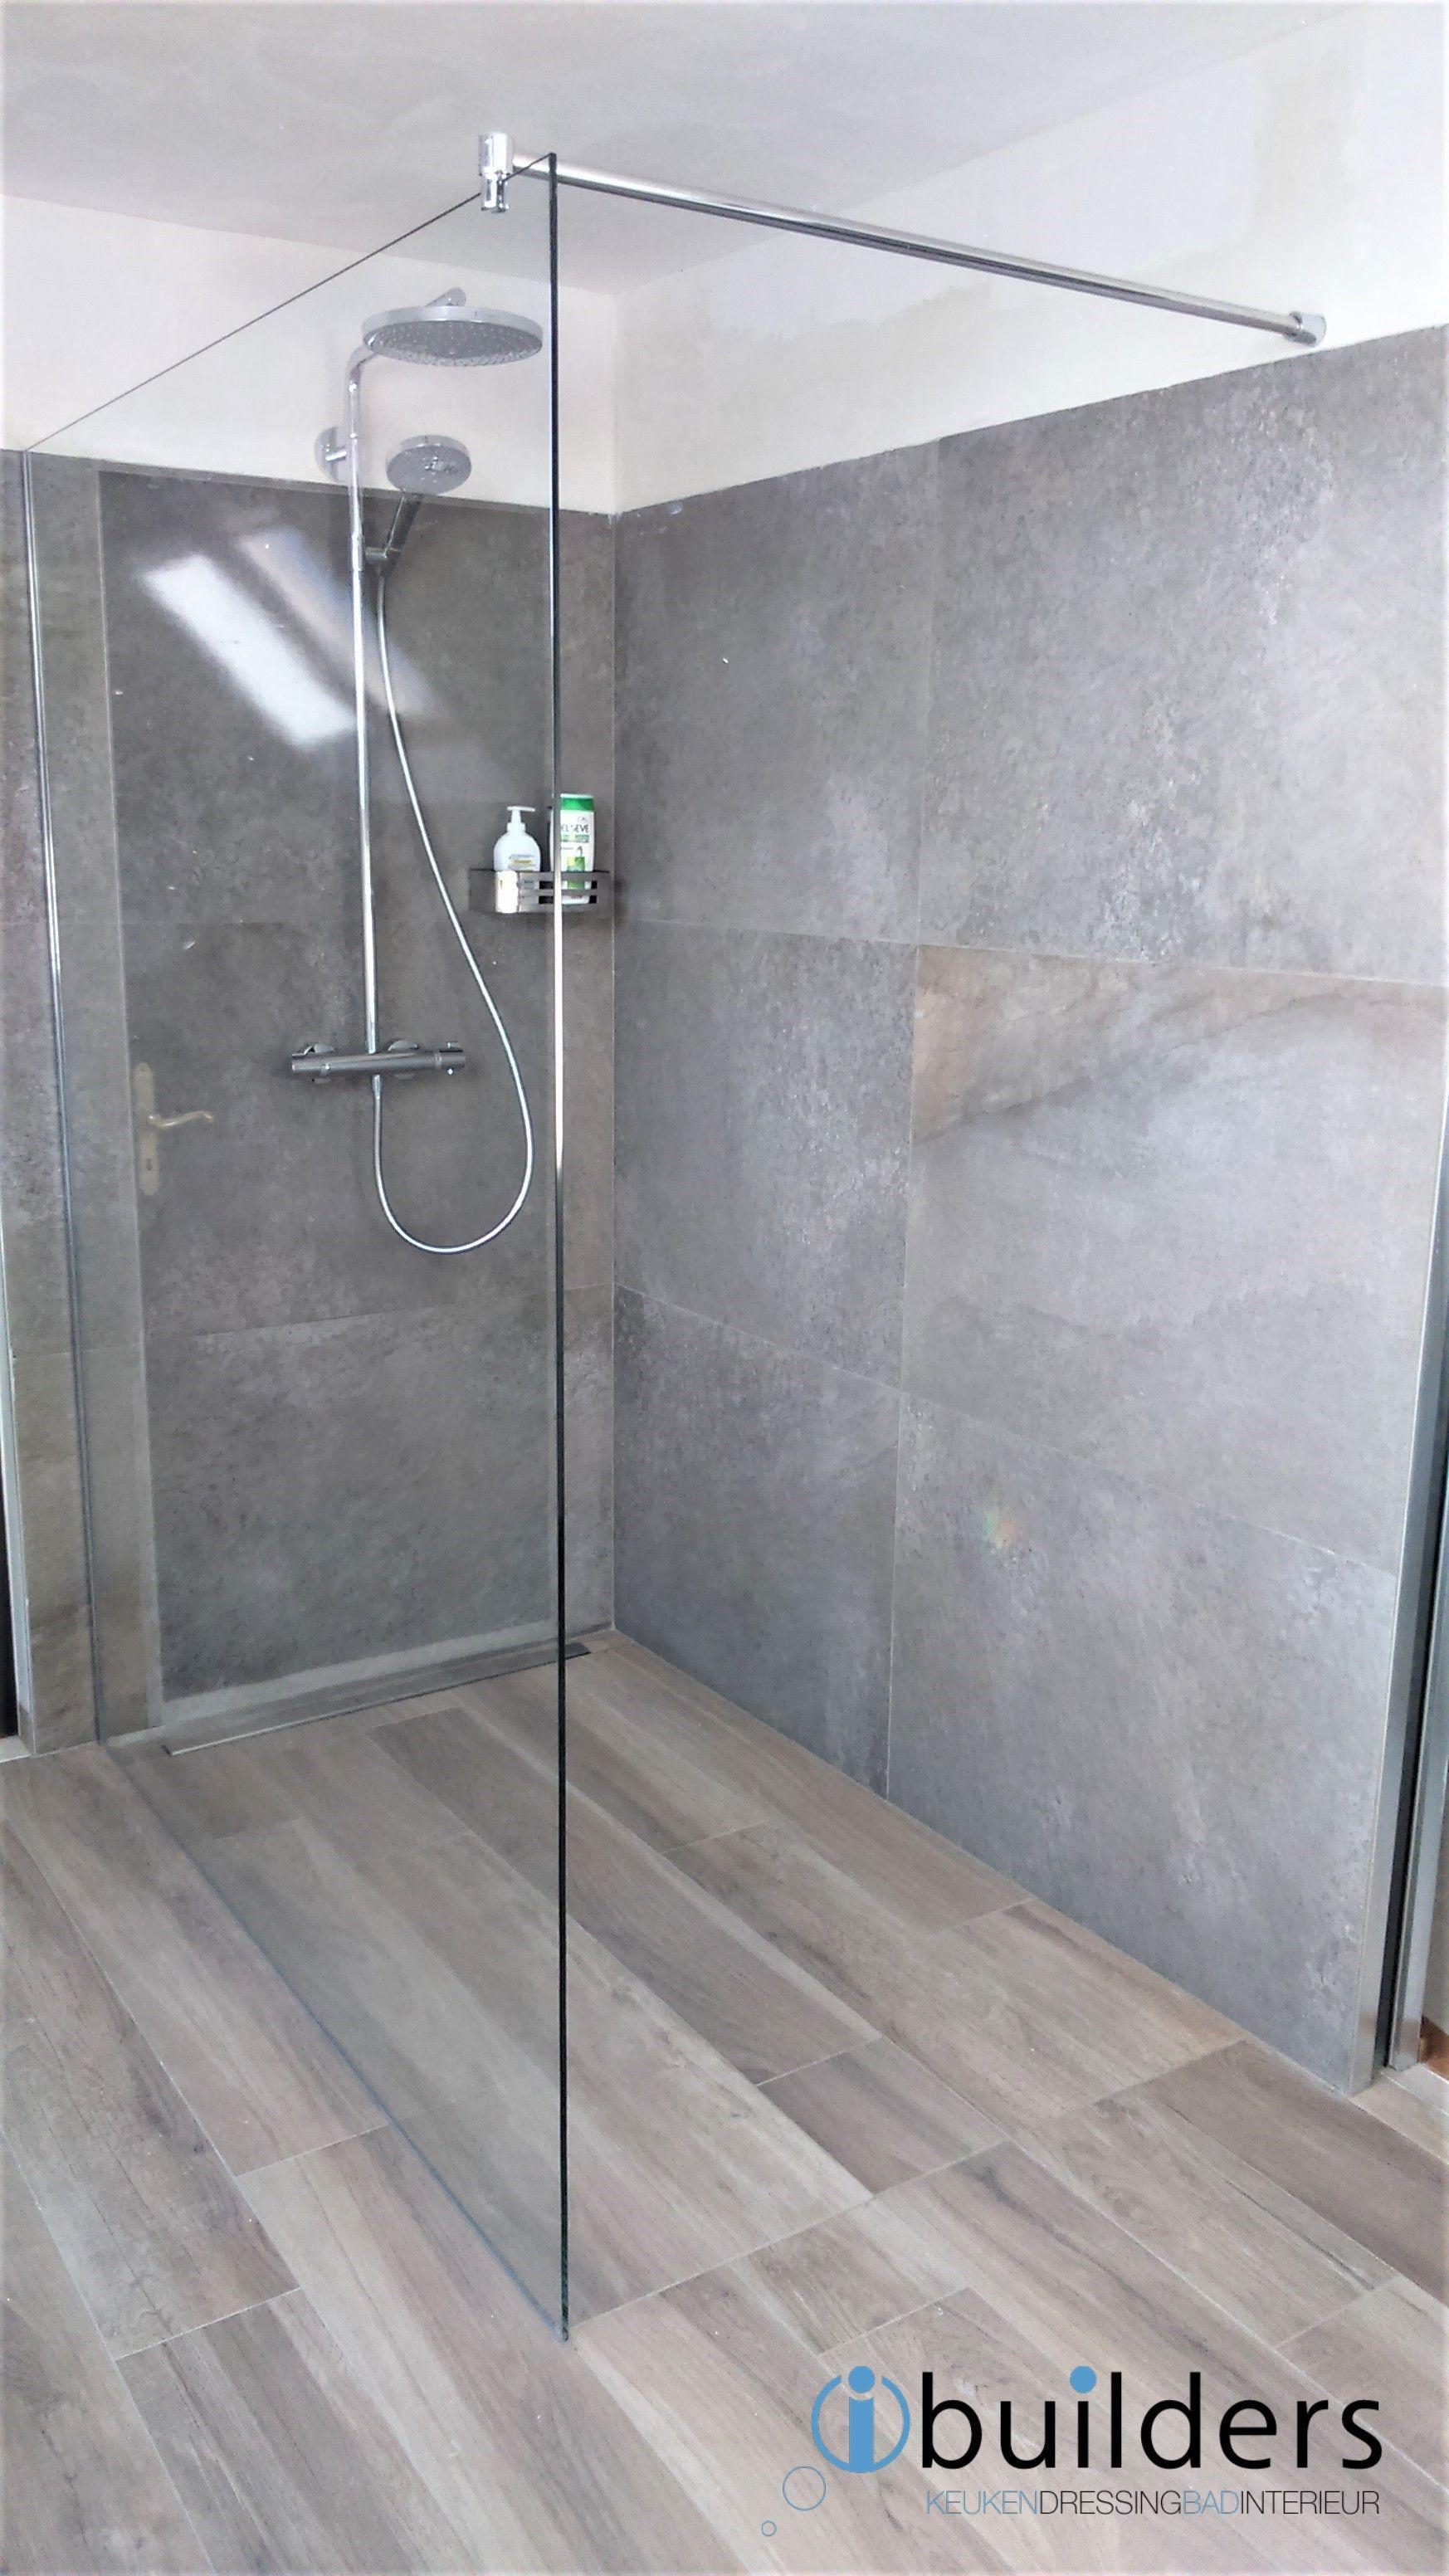 badkamer renovatie met inloopdouche 160 x 100 cm, i-drain vloergoot ...